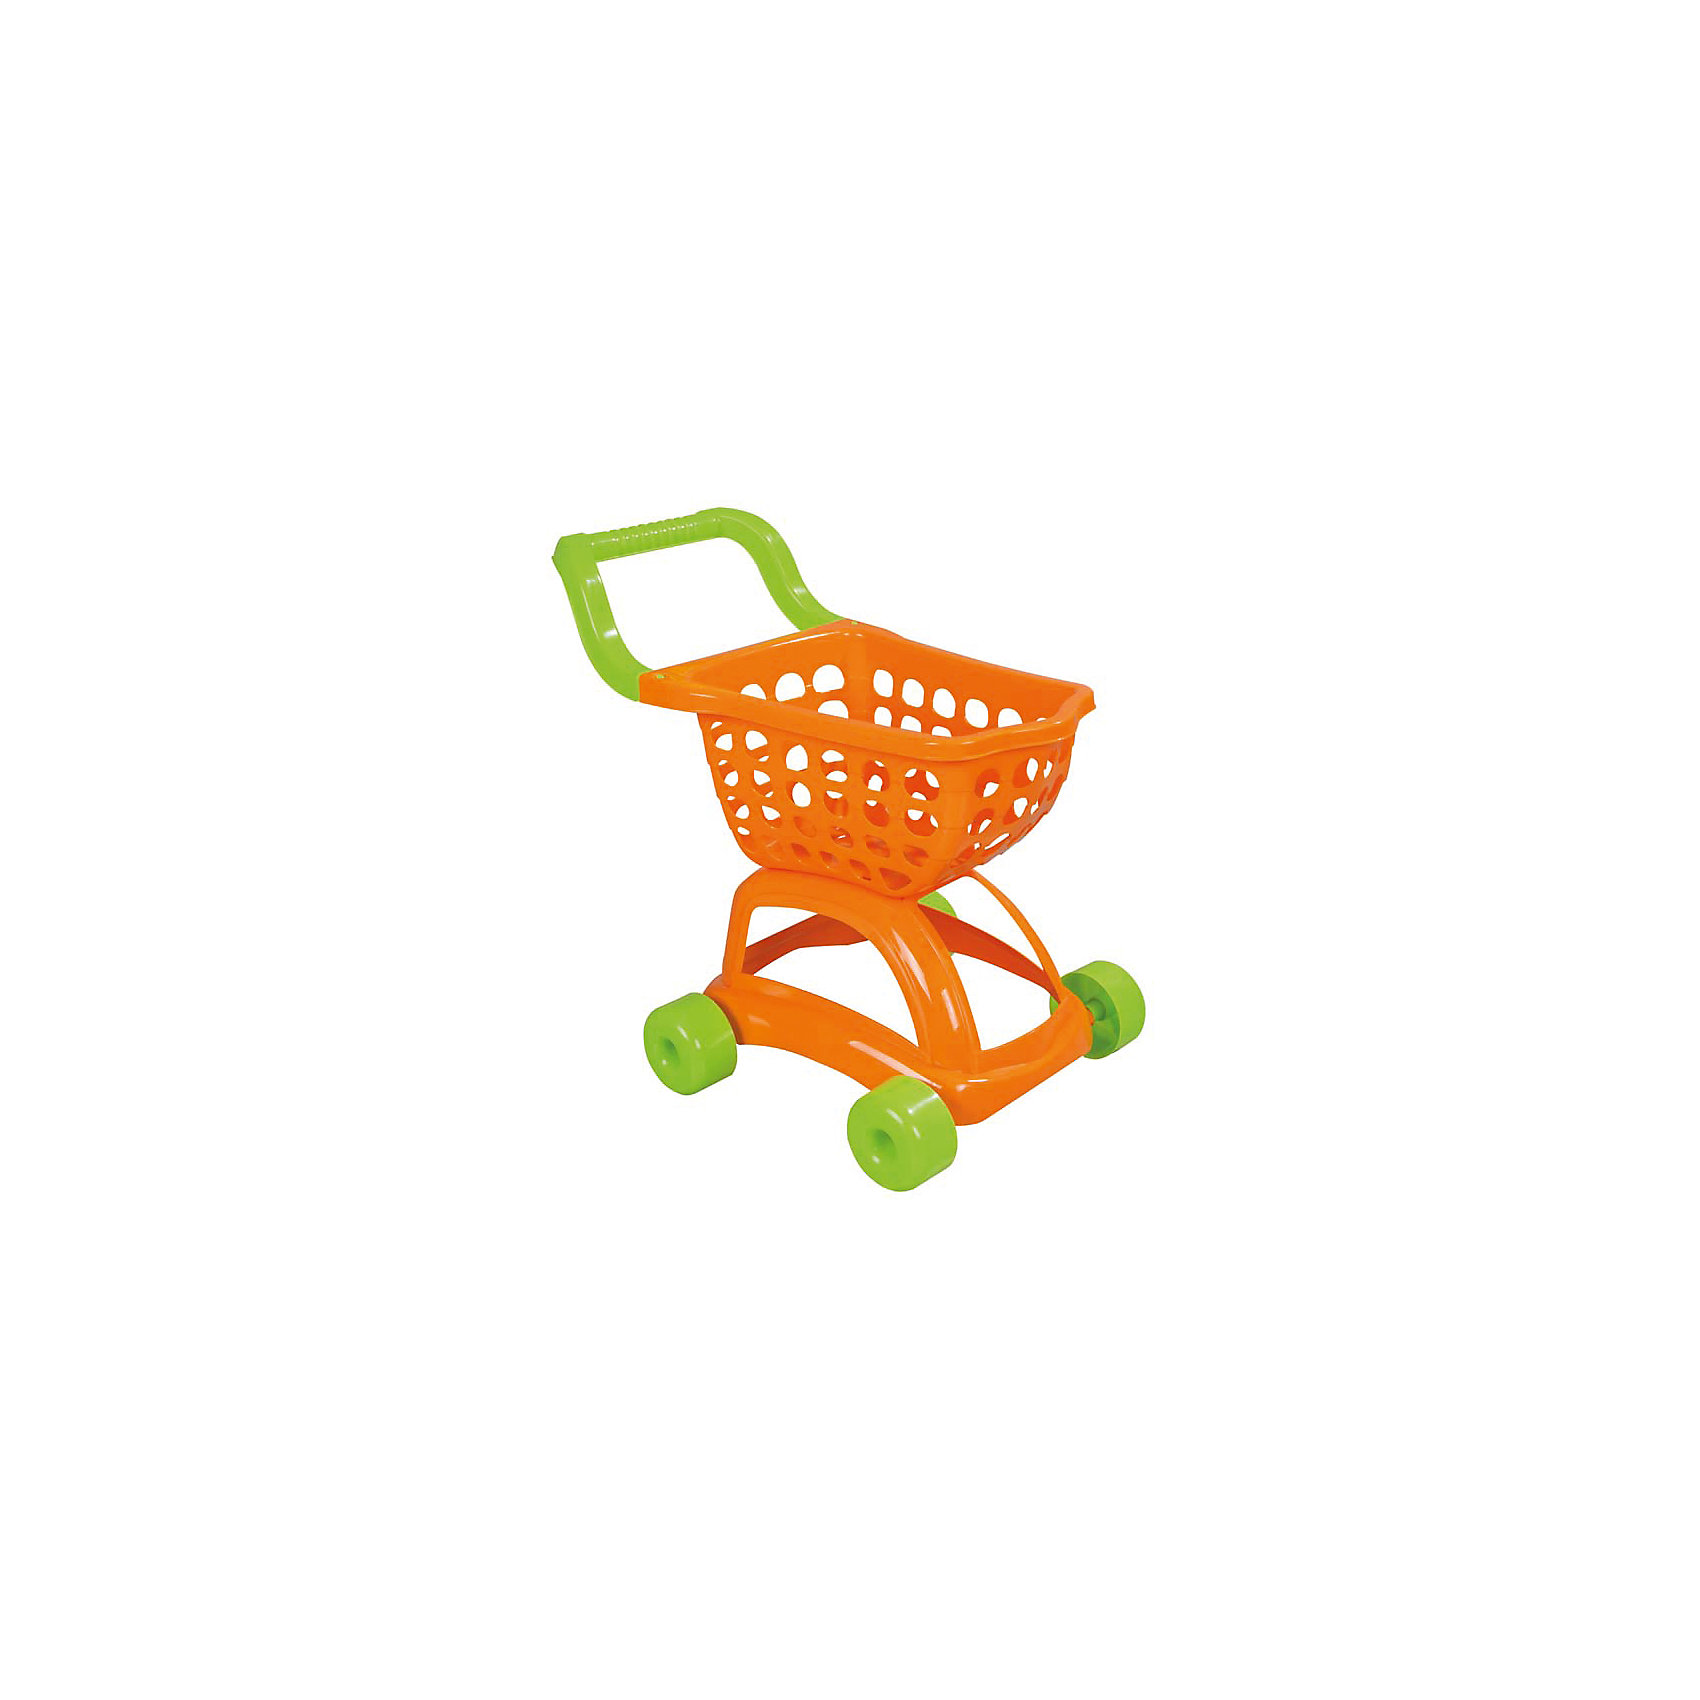 Тележка для покупок Sweet, PilsanДетский супермаркет<br>Тележка для покупок Sweet, Pilsan (Пилсан).<br><br>Характеристики:<br><br>• Материал: пластик.<br>• Цвет: оранжевый, зеленый.<br>• Максимальная нагрузка: 2кг.<br>• Размеры (габариты): 52х47х37см.<br><br>Тележка для покупок Sweet, Pilsan (Пилсан) – это тележка покупателя большого супермаркета. Данная модель удобна и проста в использовании. Ваша юная хозяйка сможет с легкостью ею управлять. Веселая, яркая расцветка привлечет внимание вашего ребенка и максимально дополнит сюжетно- ролевую игру «Магазин». <br><br>Тележку для покупок Sweet, Pilsan (Пилсан), можно купитьвнашем интернет – магазине.<br><br>Ширина мм: 610<br>Глубина мм: 340<br>Высота мм: 330<br>Вес г: 1000<br>Возраст от месяцев: 36<br>Возраст до месяцев: 120<br>Пол: Унисекс<br>Возраст: Детский<br>SKU: 5045000